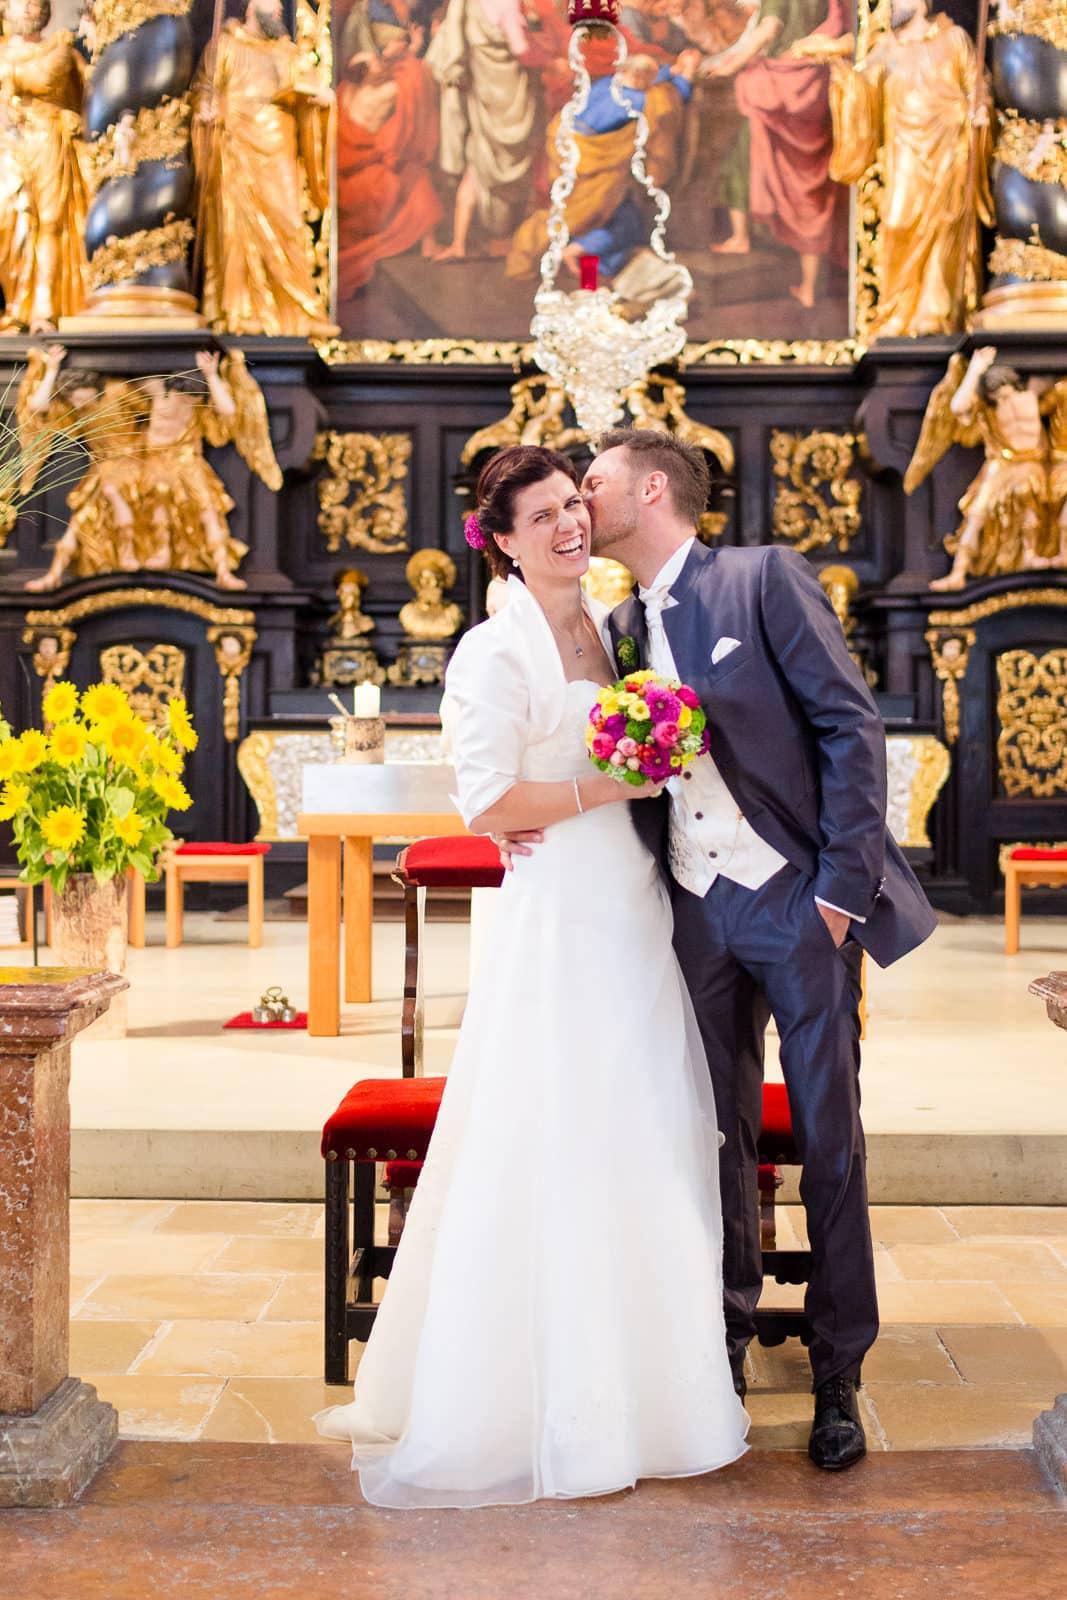 hochzeitsfotograf_hochzeit_steyr_oberoesterreich_schloss_lamberg_hochzeitsfotografin_hochzeitsfotos_wedding_photographer_regenhochzeit-christiane_eckl